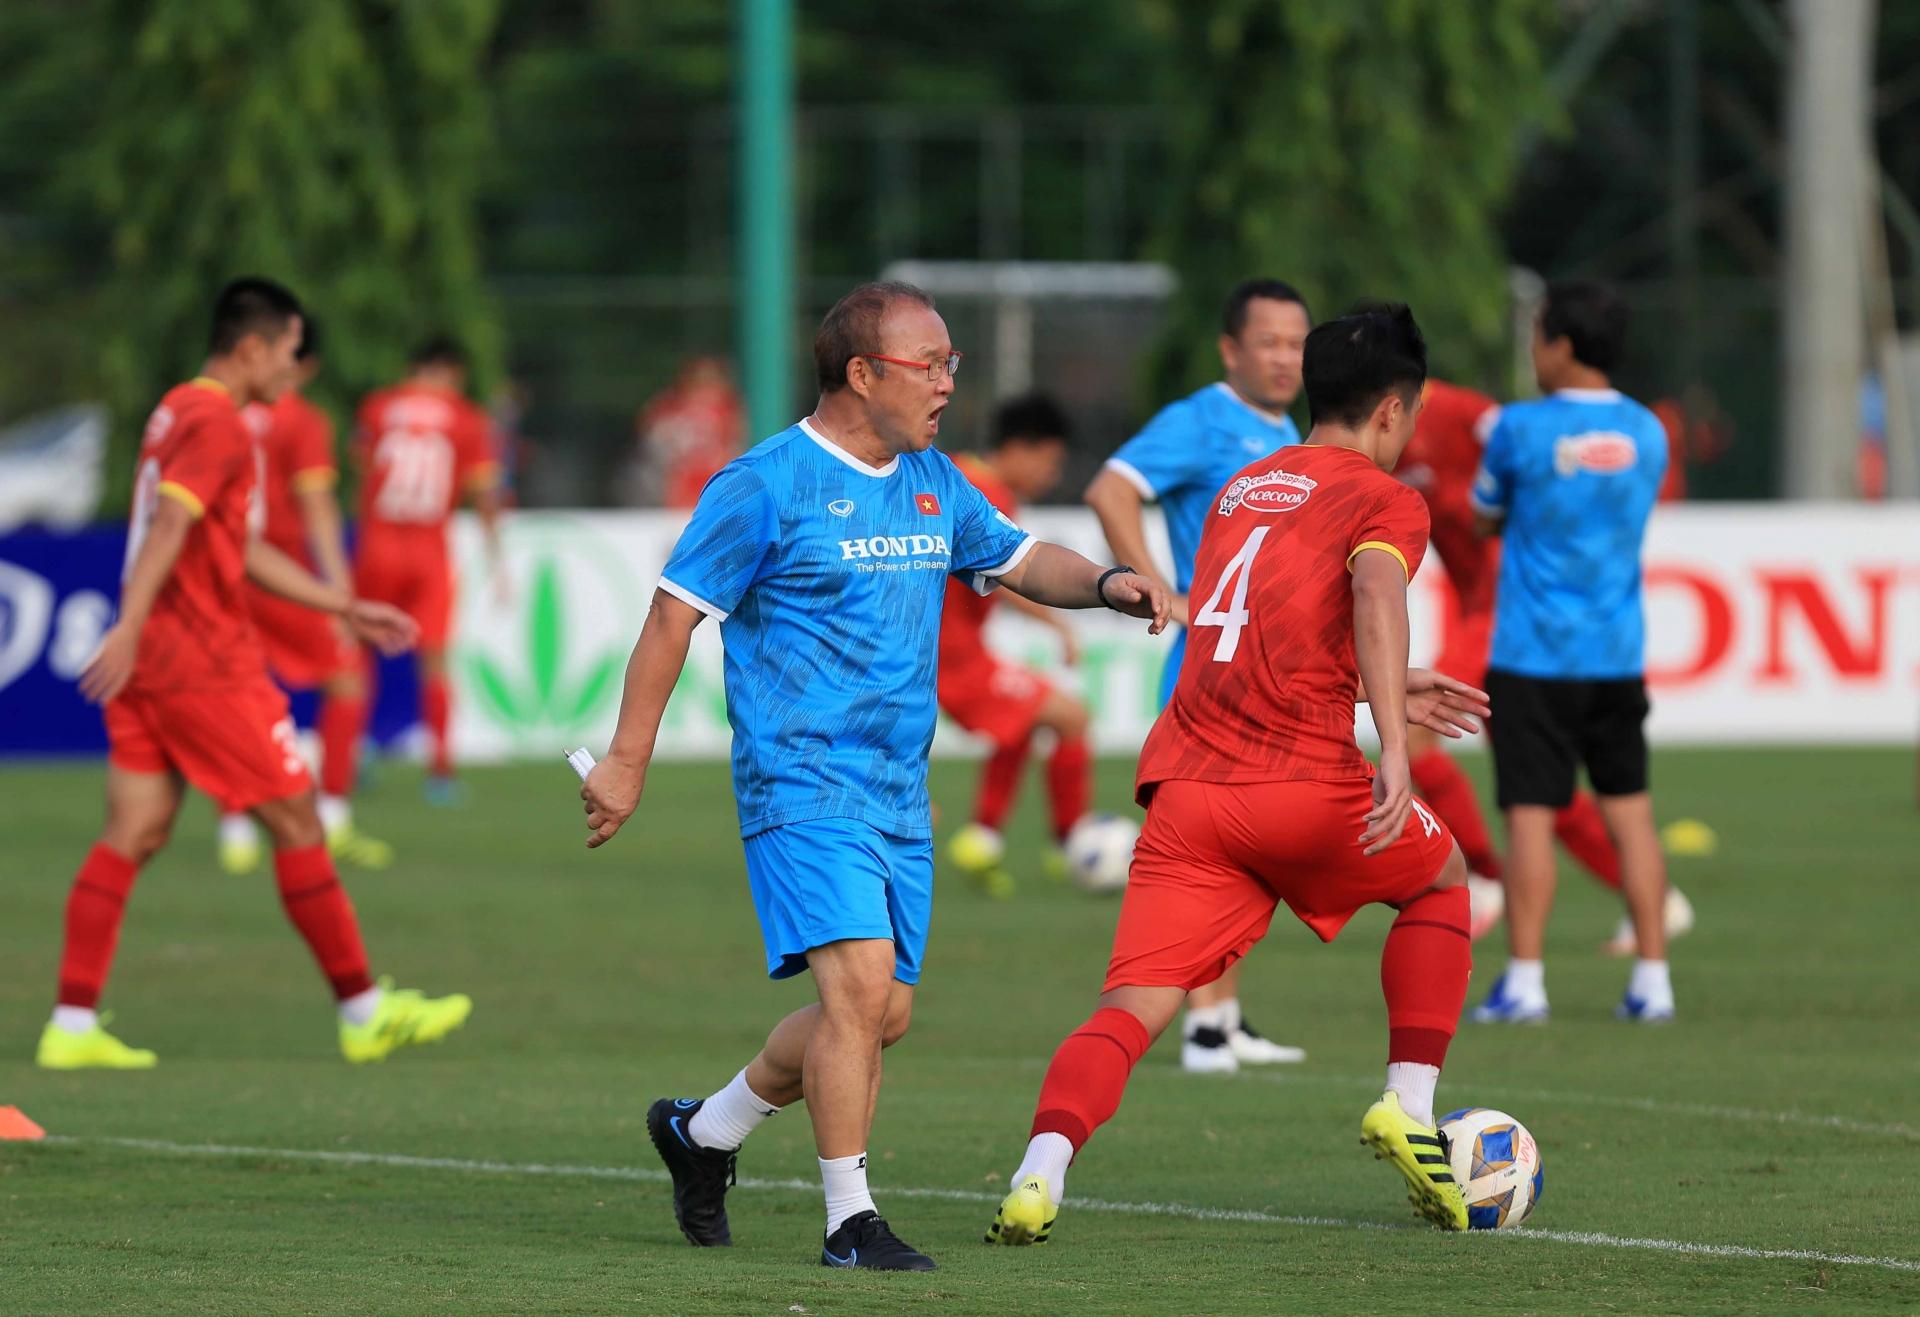 HLV Park Hang-seo loại 10 cầu thủ để dành sự ưu ái, Công Phượng vẫn báo tin xấu cho ĐT Việt Nam 1